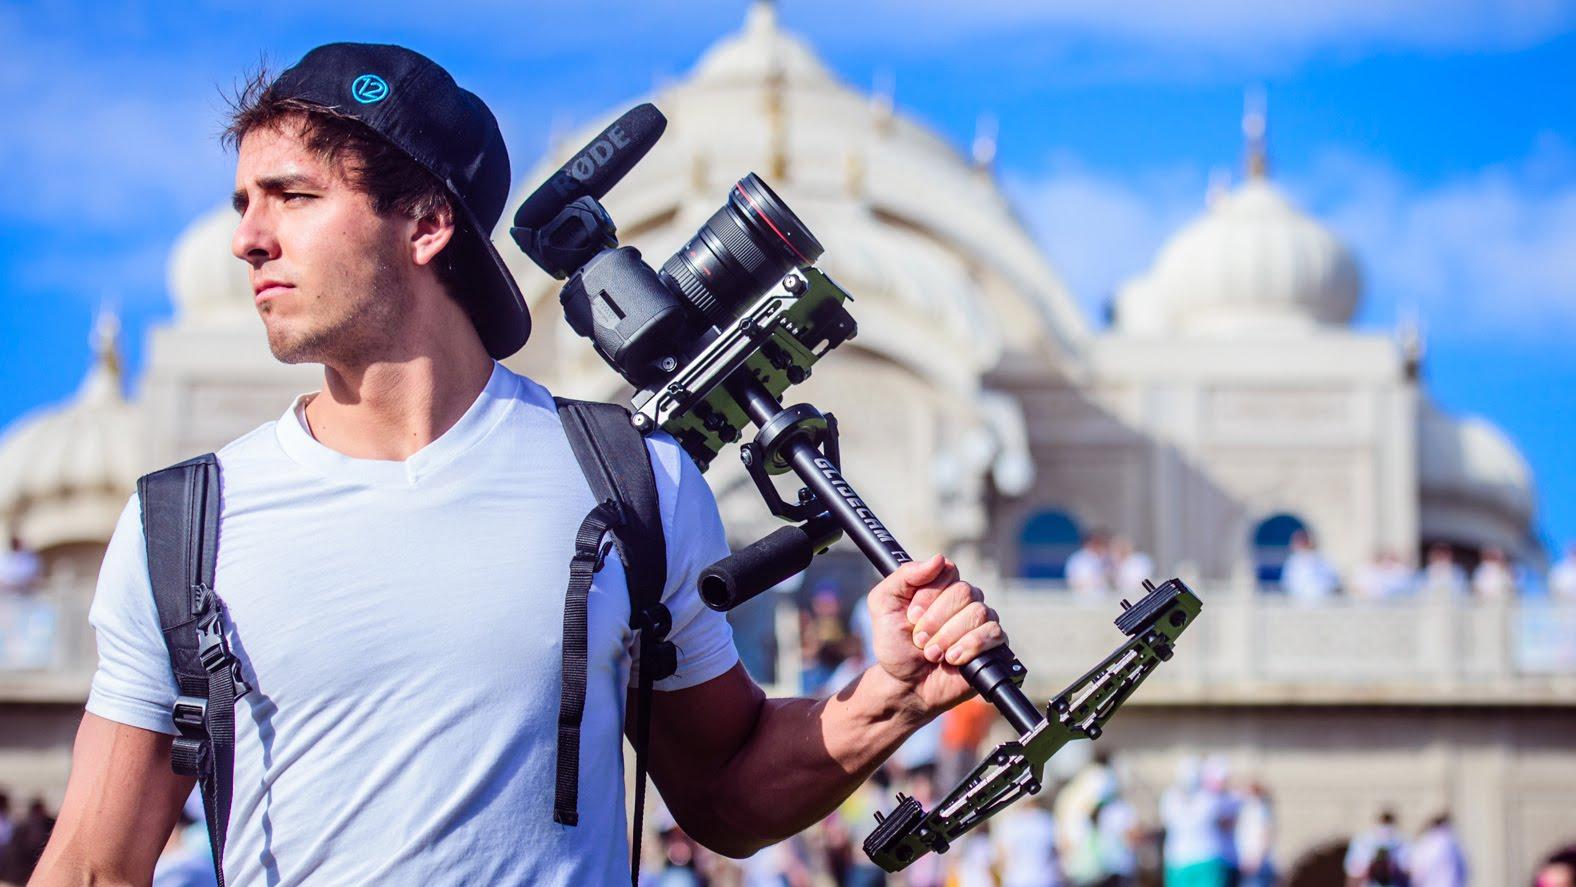 Parker Walbeck - Producer/Videographer & Film Course Designer